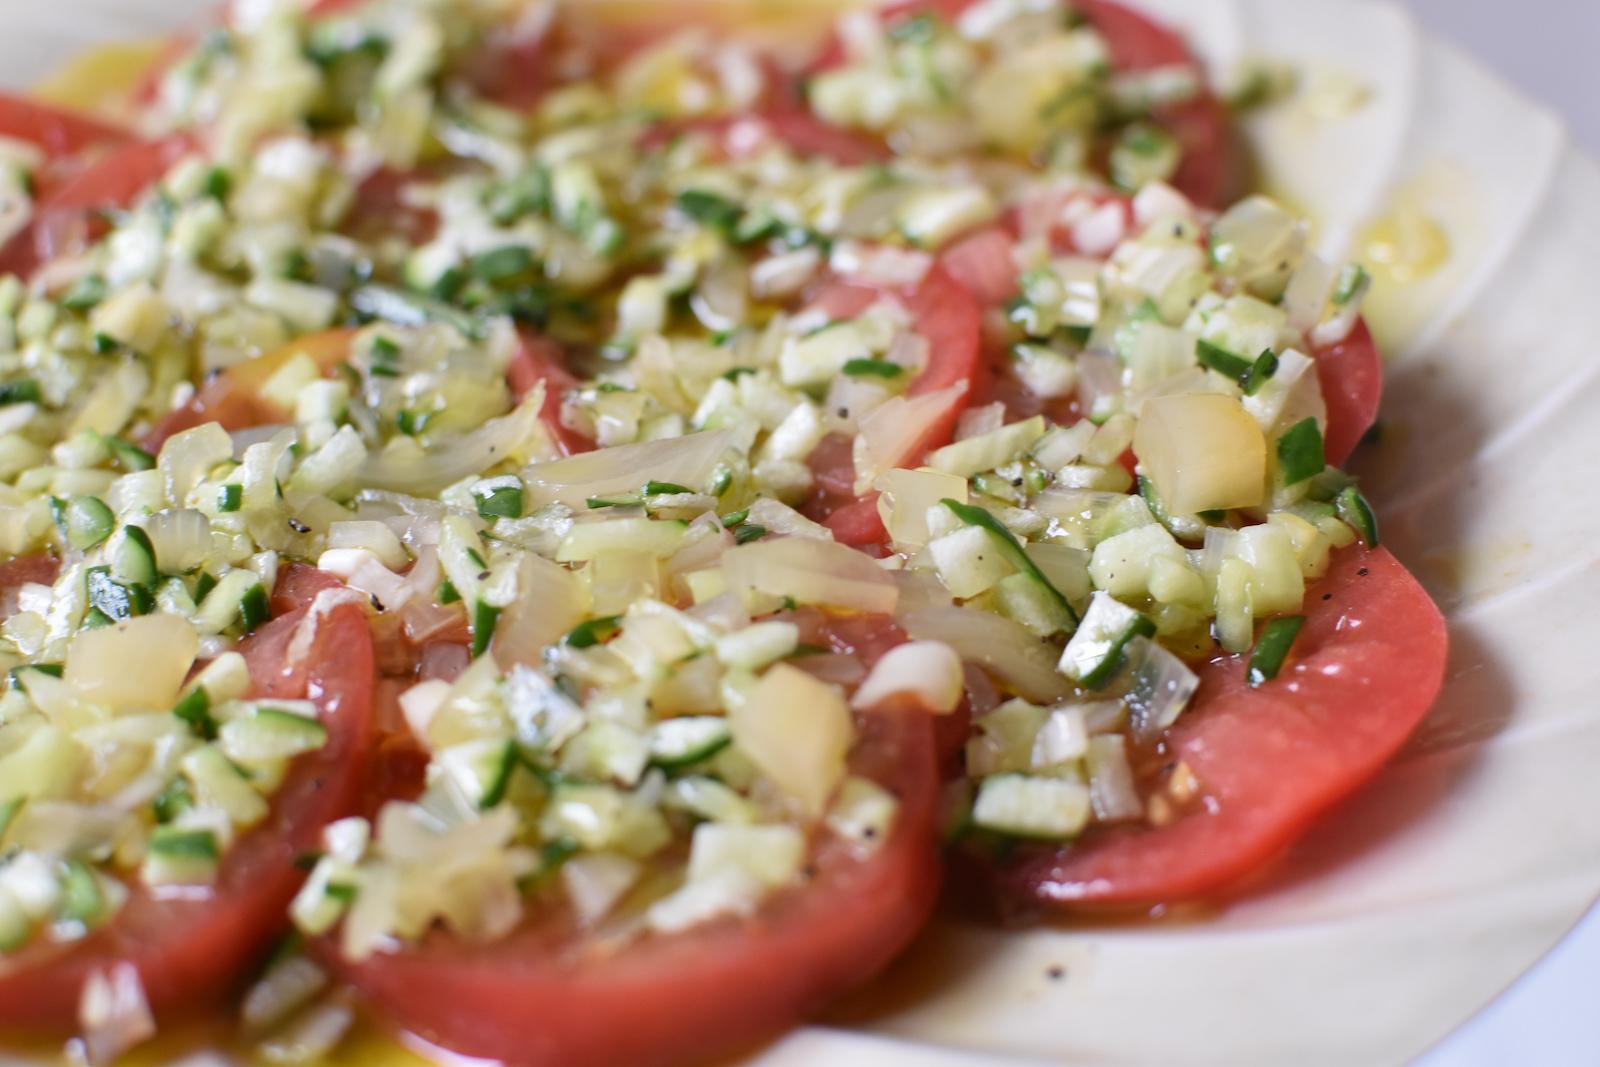 トマトとらっきょうのサラダ